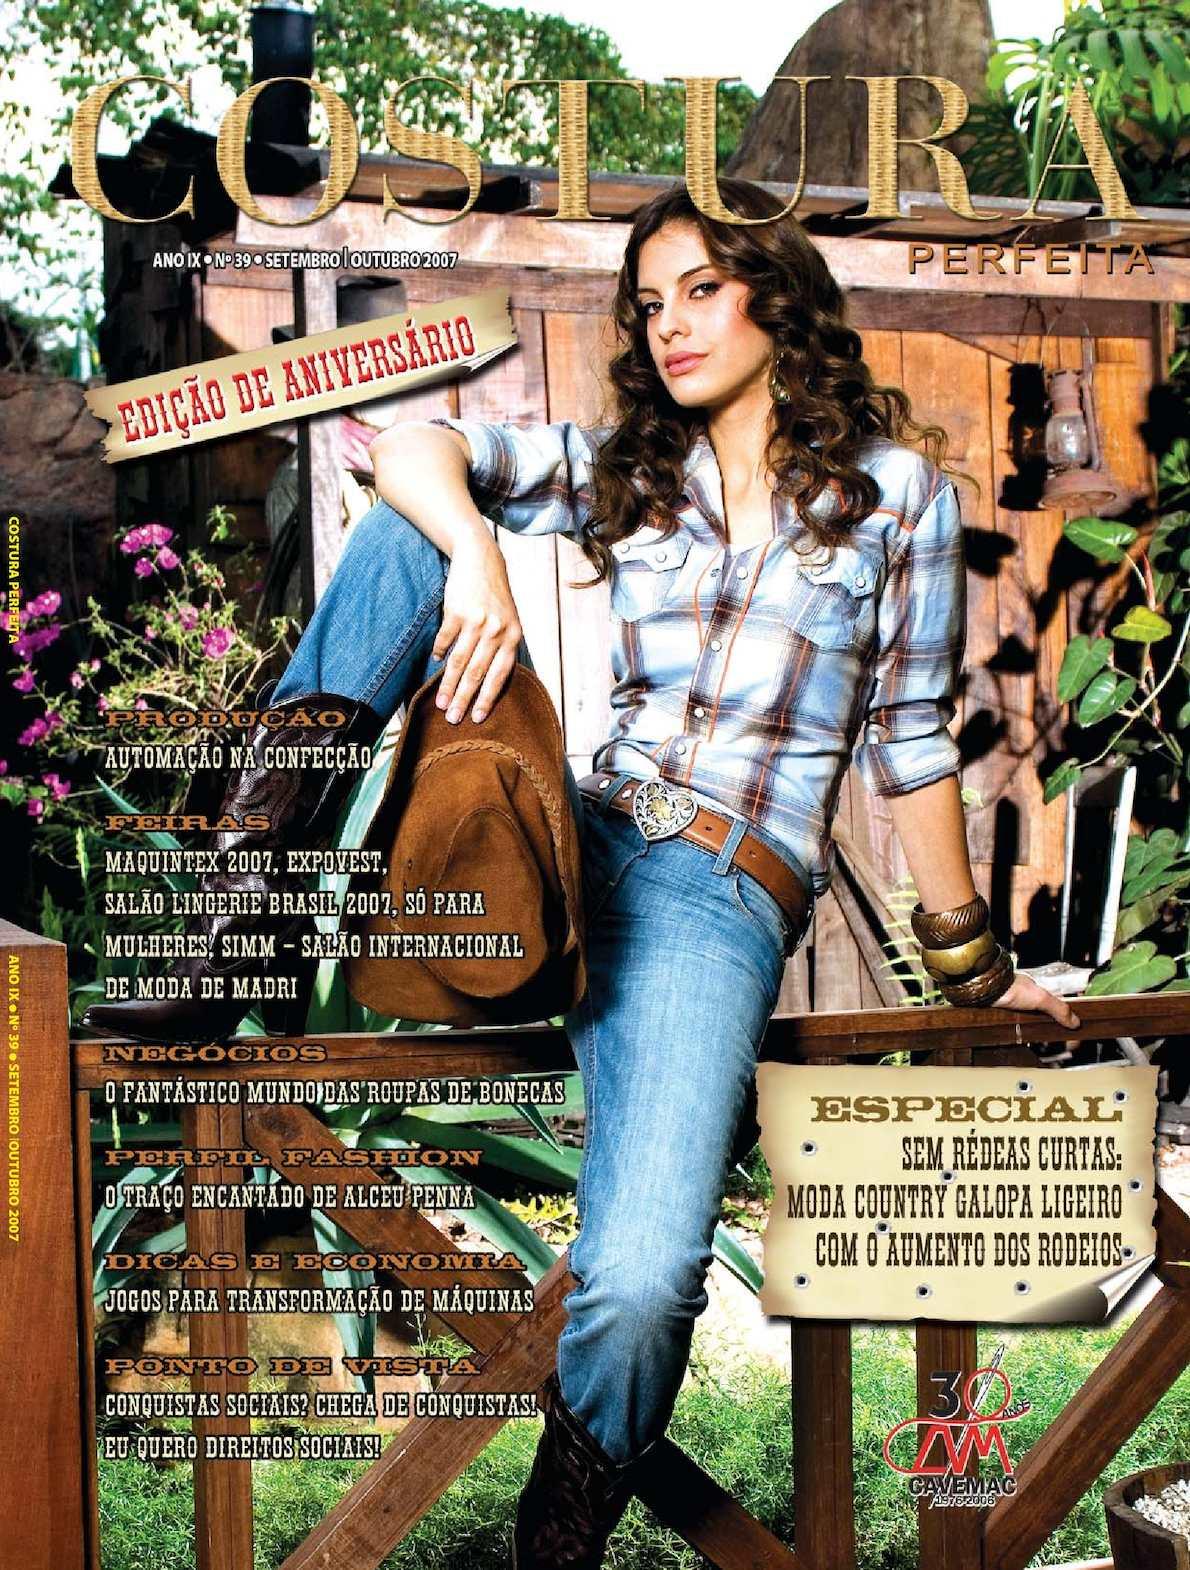 d39ba09a5 Calaméo - Revista Costura Perfeita Edição Ano IX - N39 Setembro-Outubro 2007